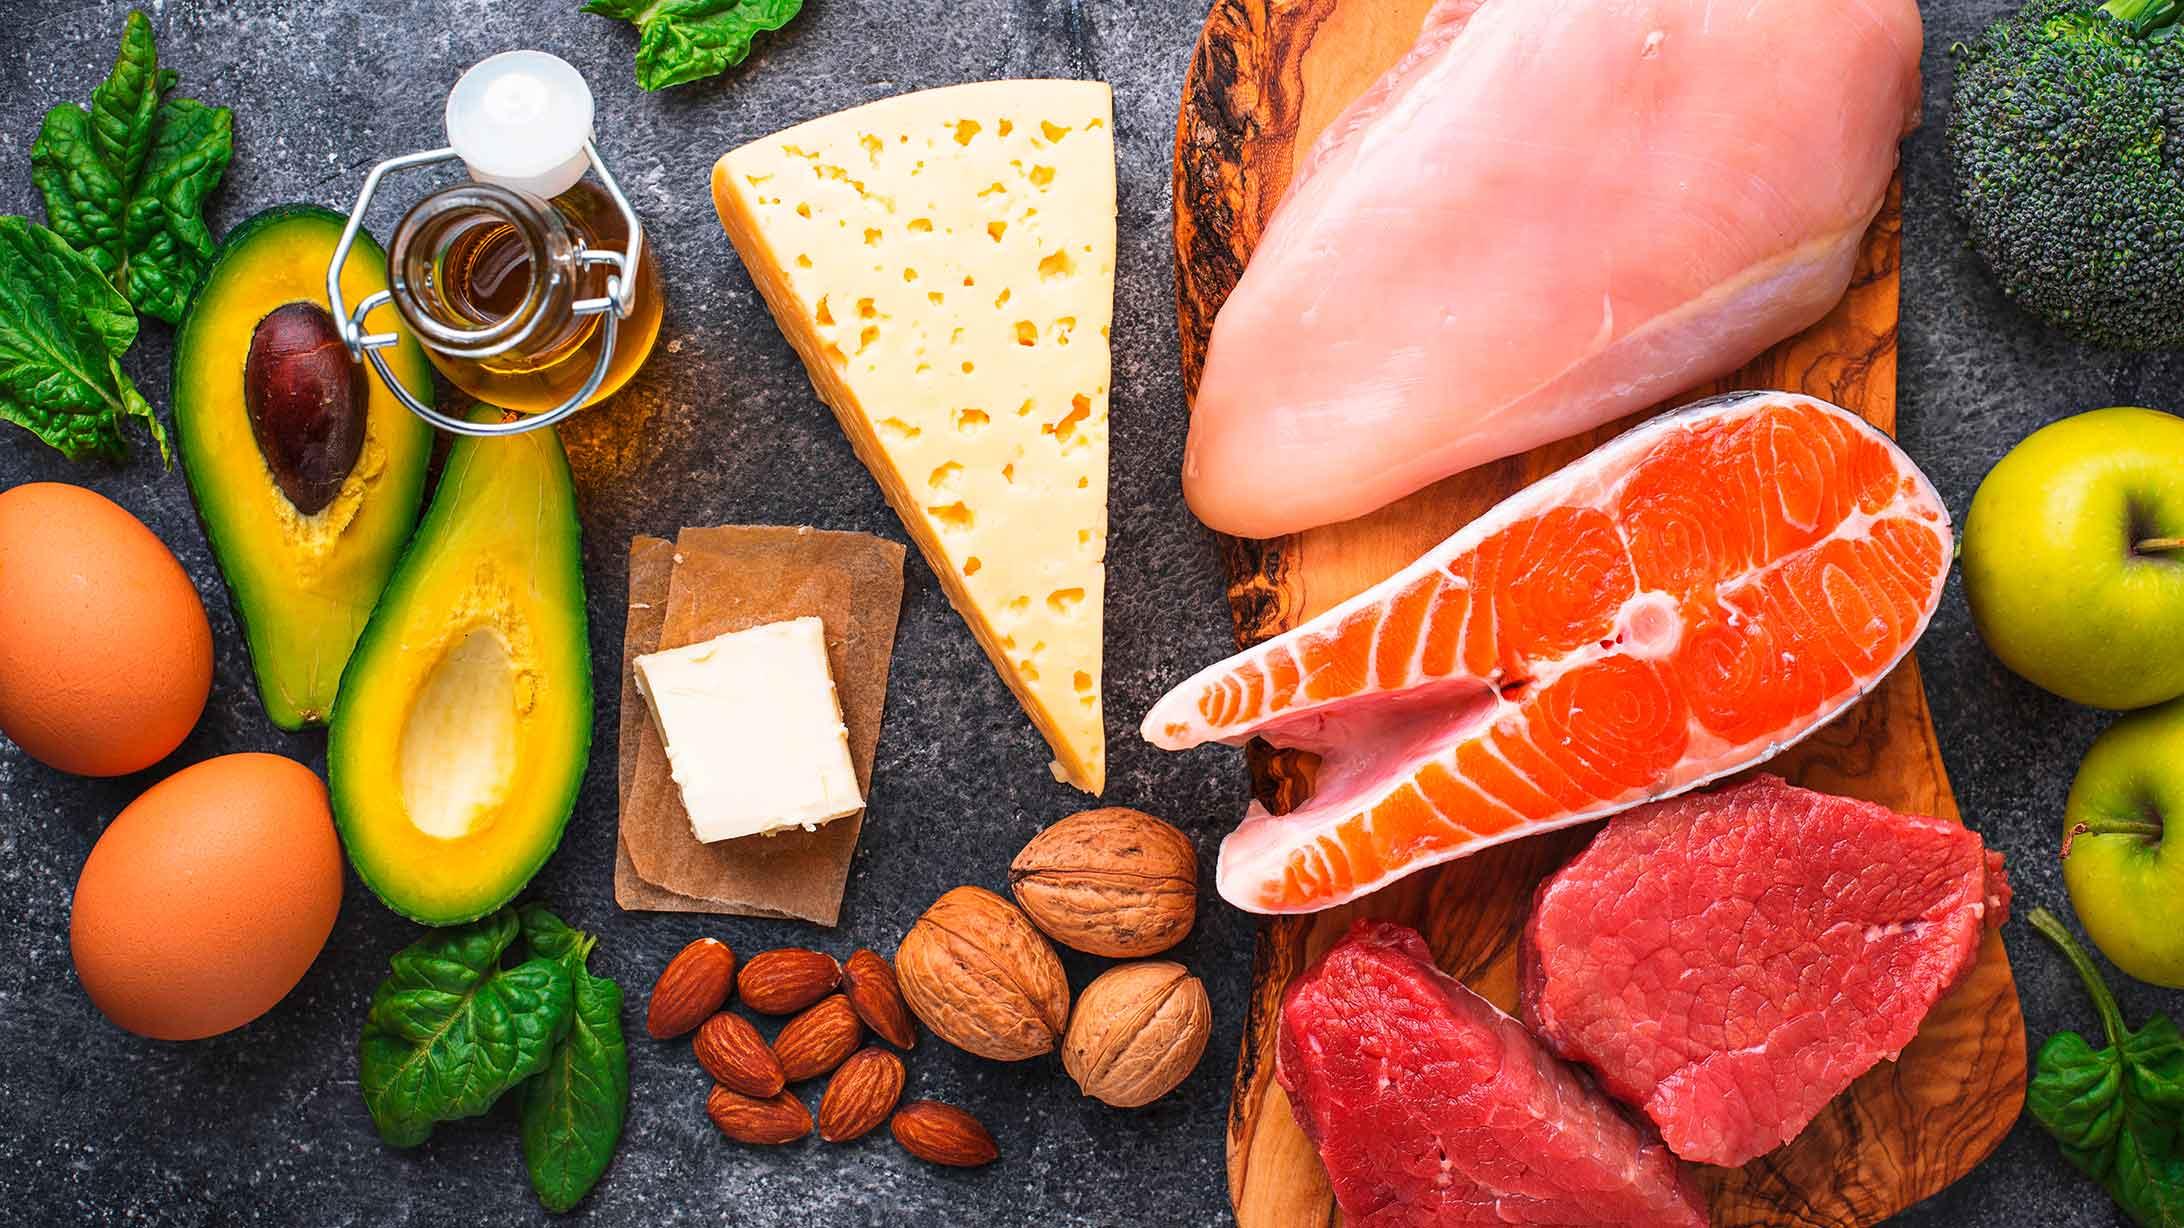 Das Bild zeigt Gemüse sowie Fleisch, Fisch und Nüsse.